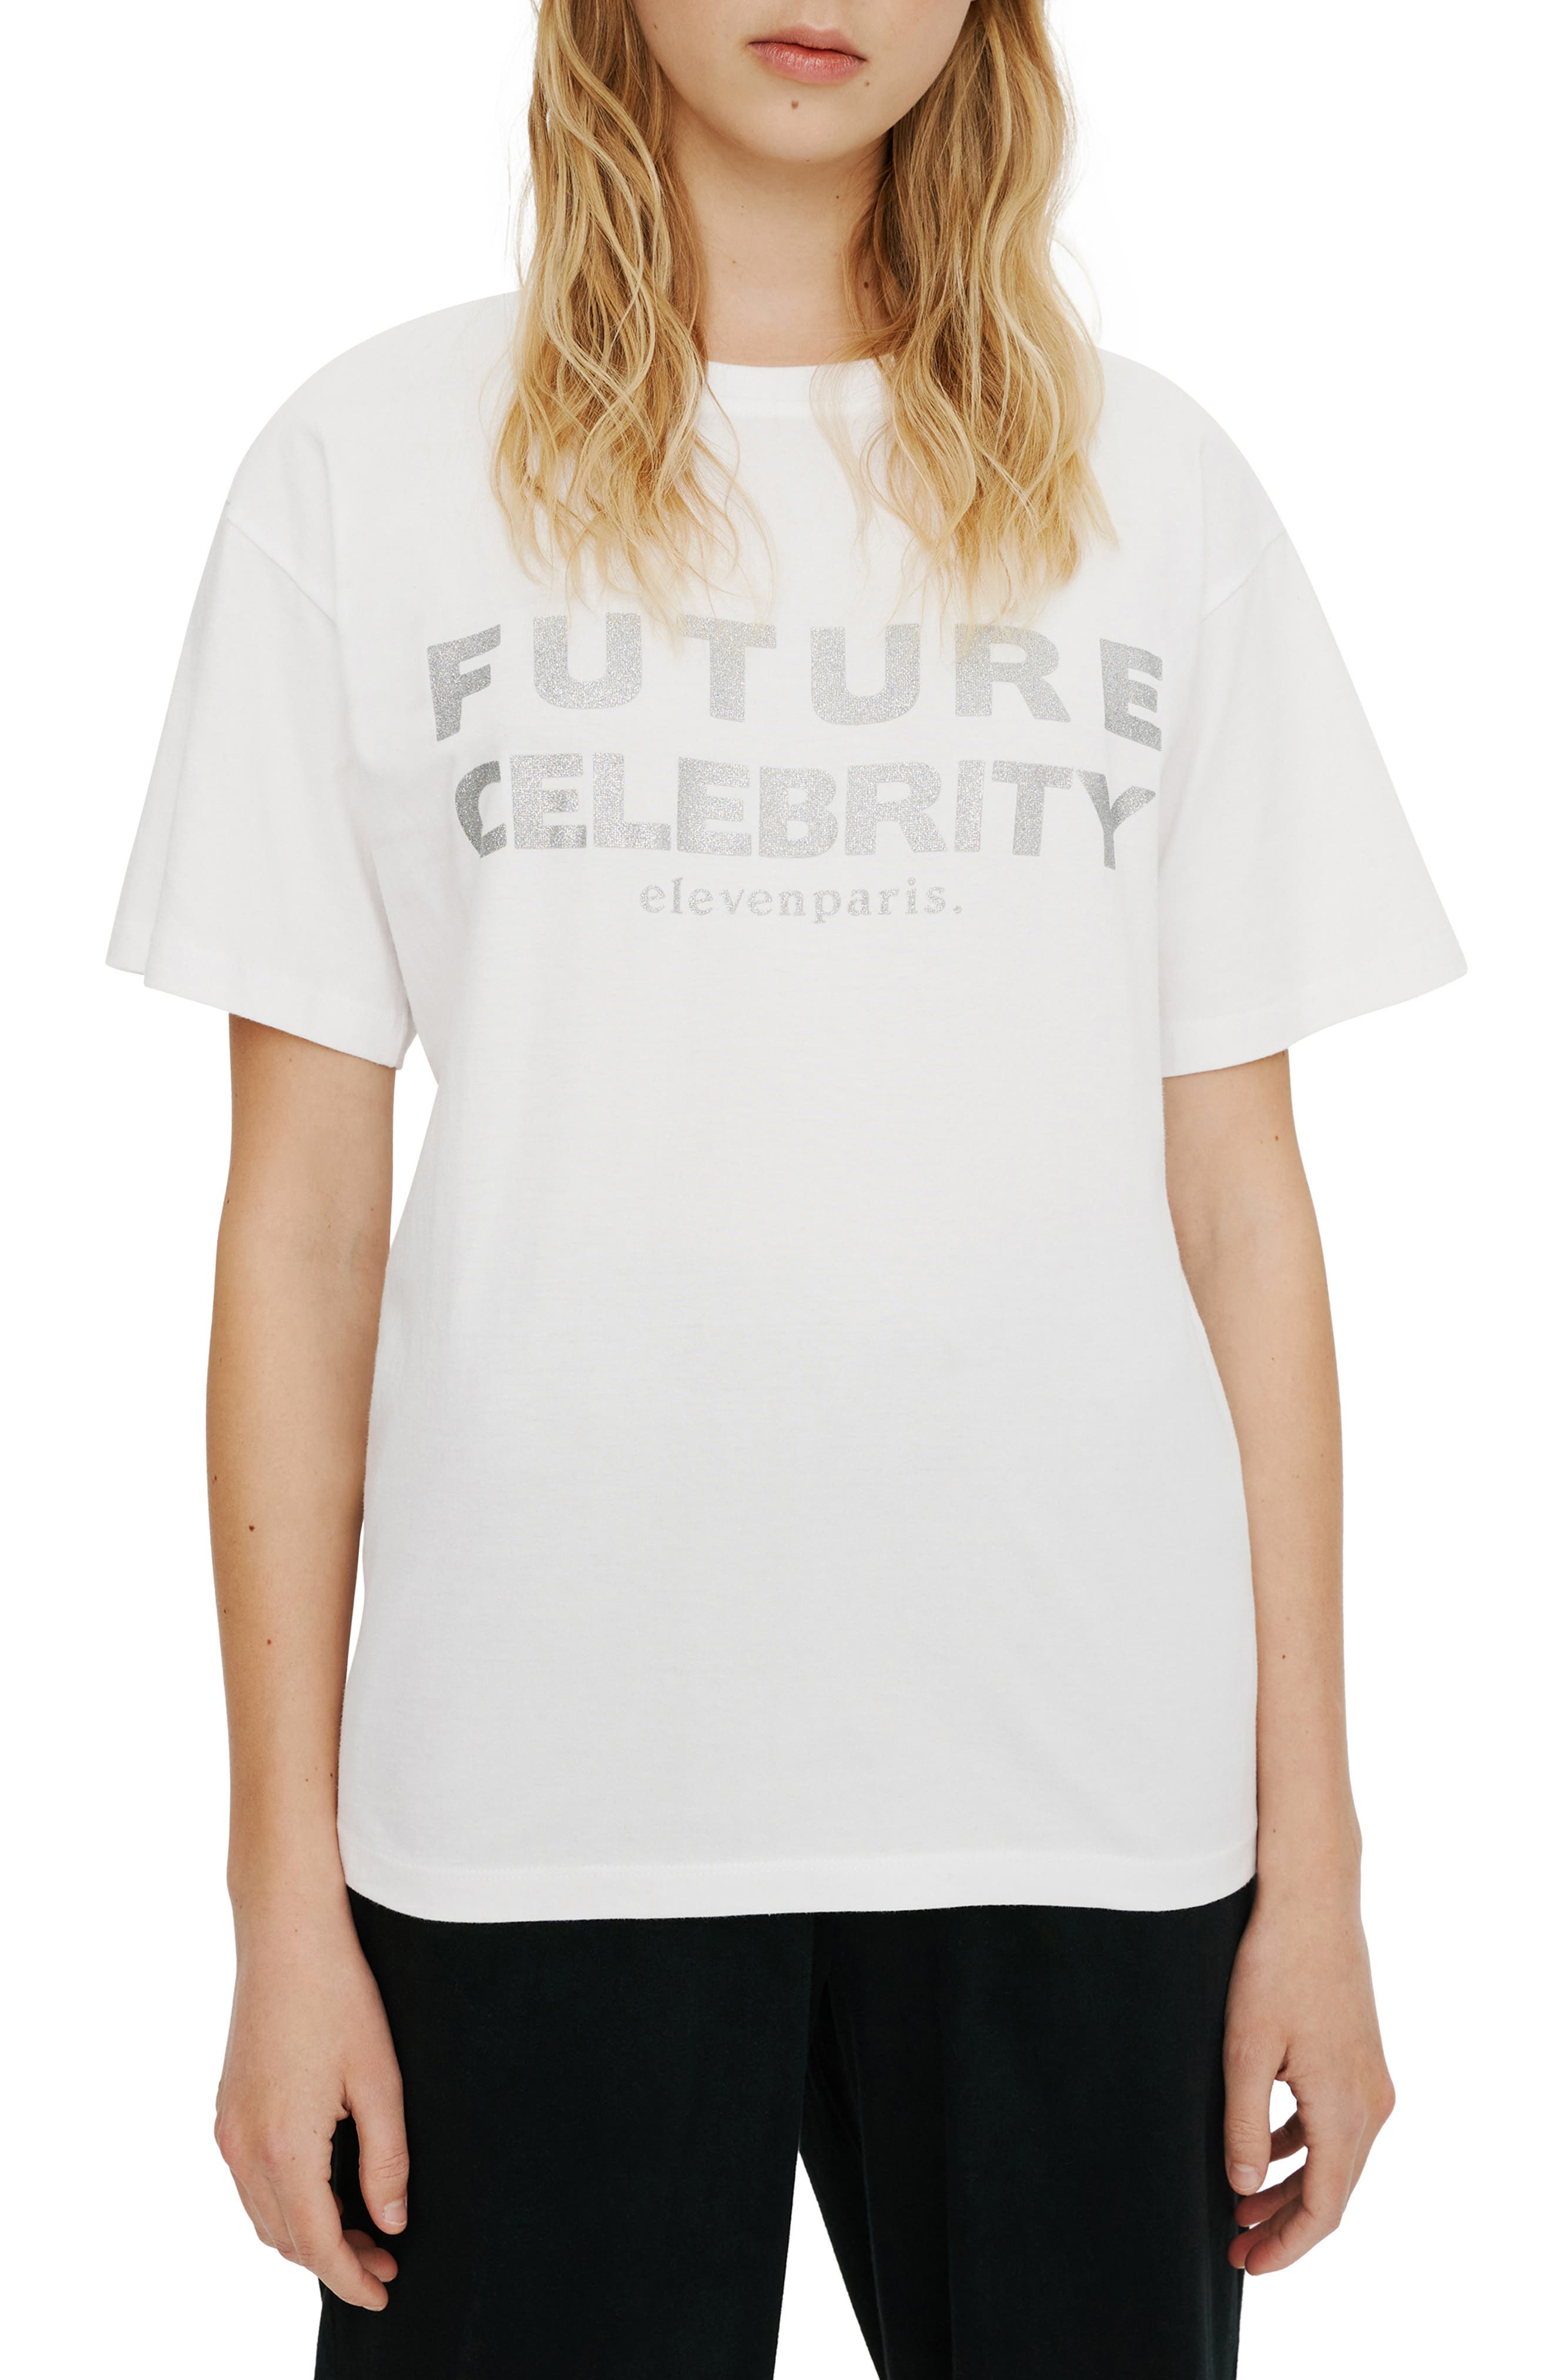 Future Celebrity Glitter Graphic Tee